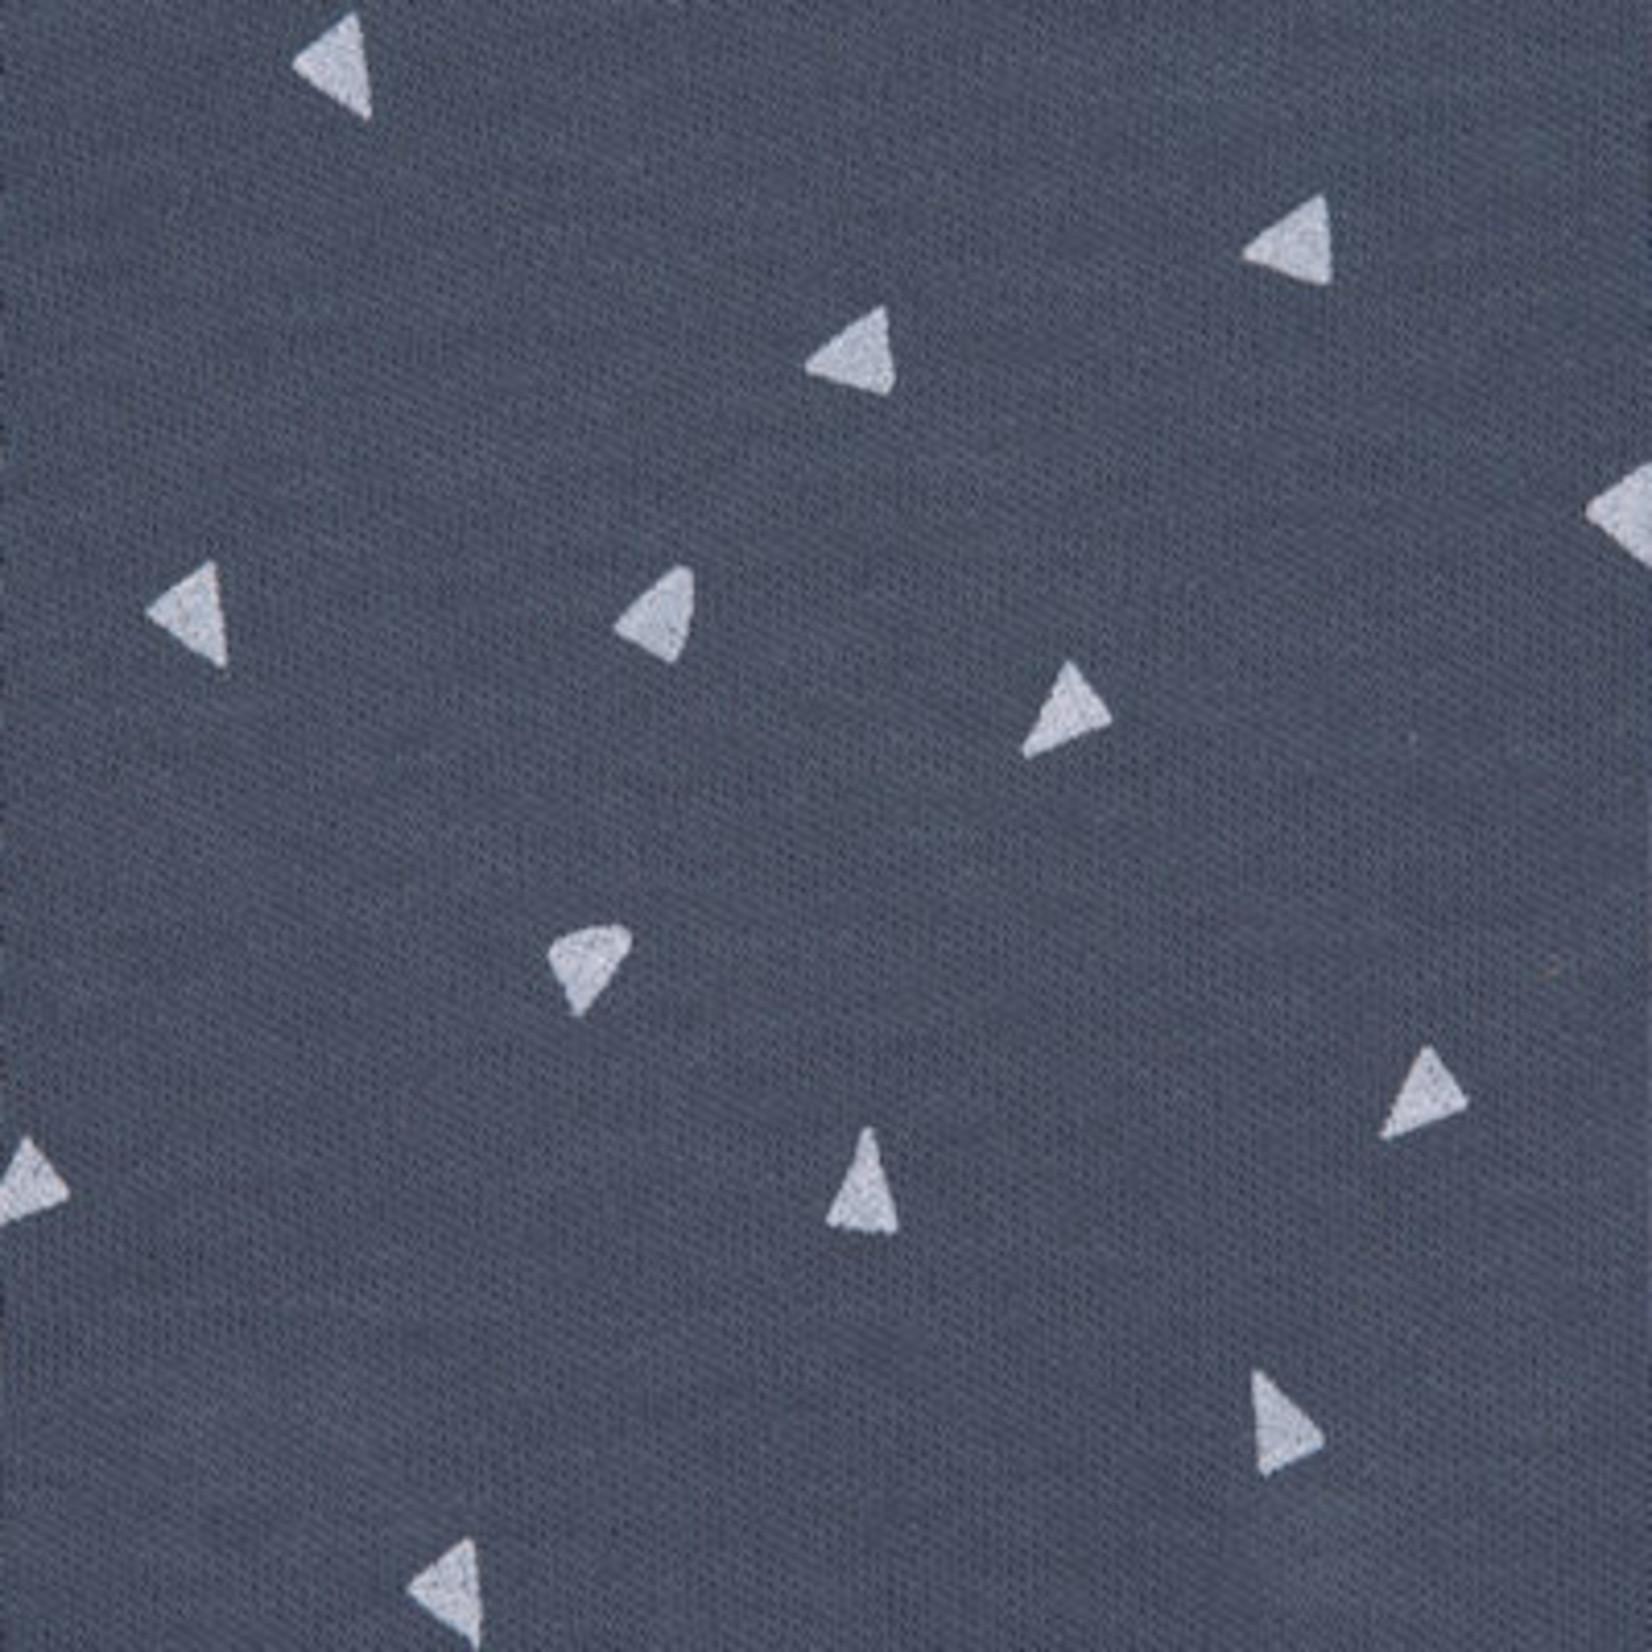 Lässig Romper lange mouw blauw triangel, GOTS